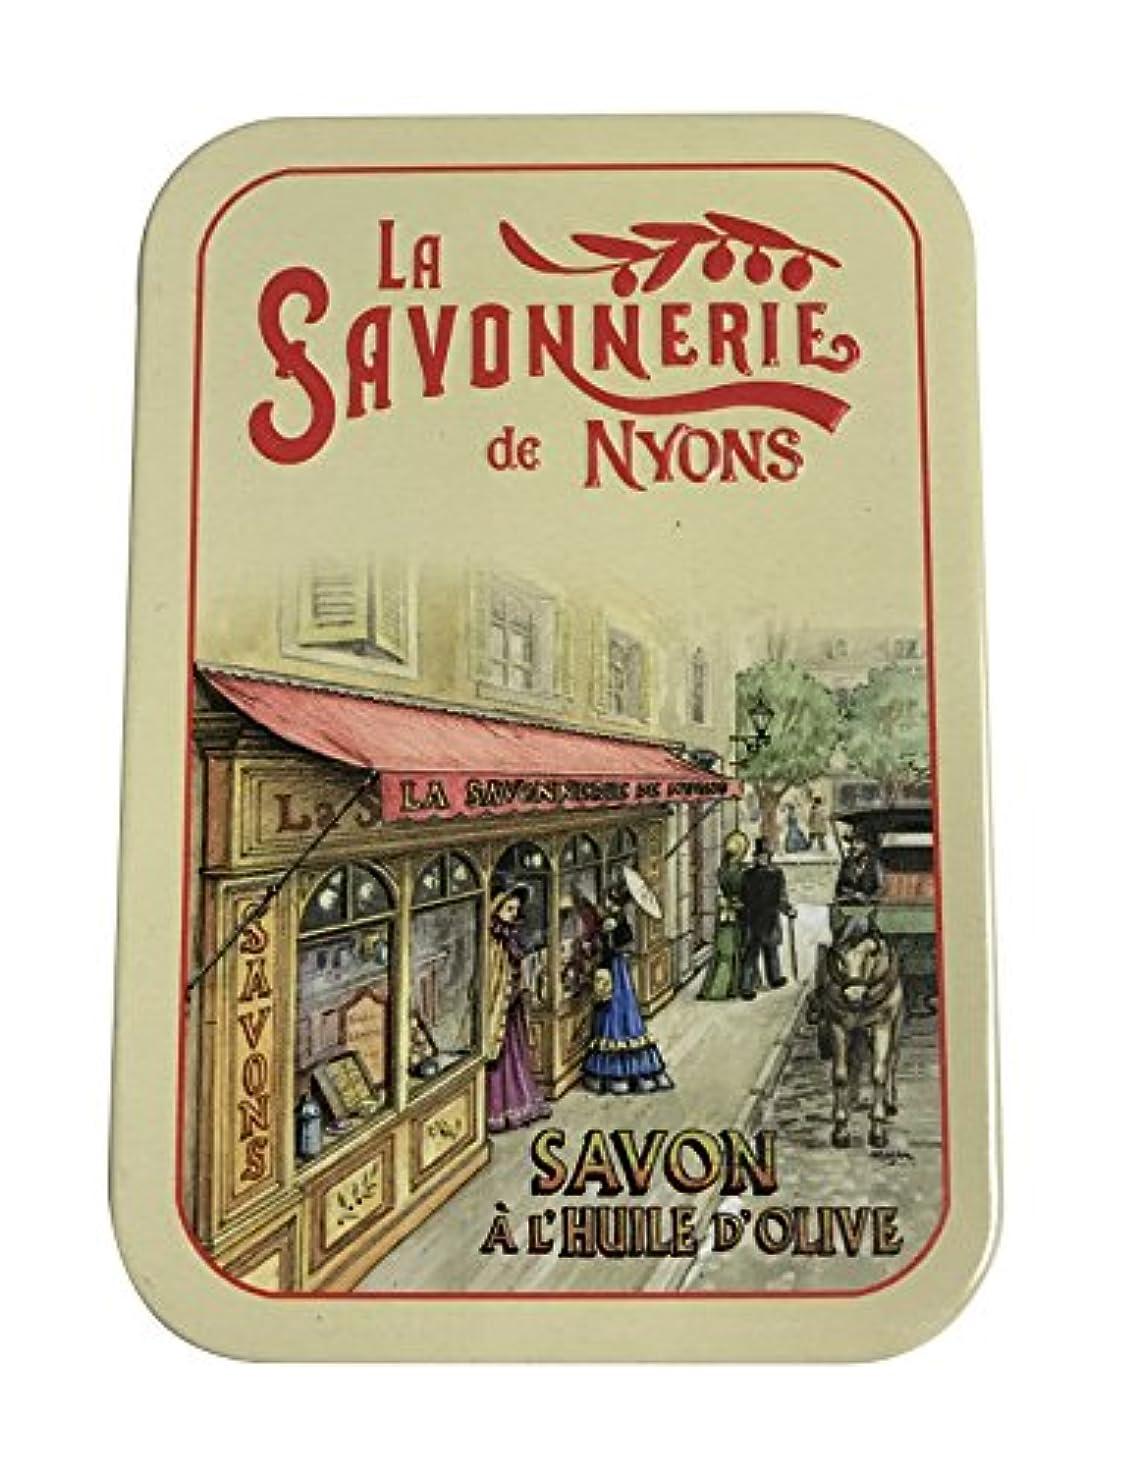 難民速記排気ラ?サボネリー アンティーク缶入り石鹸 タイプ200 パリの町並み(コットンフラワー)